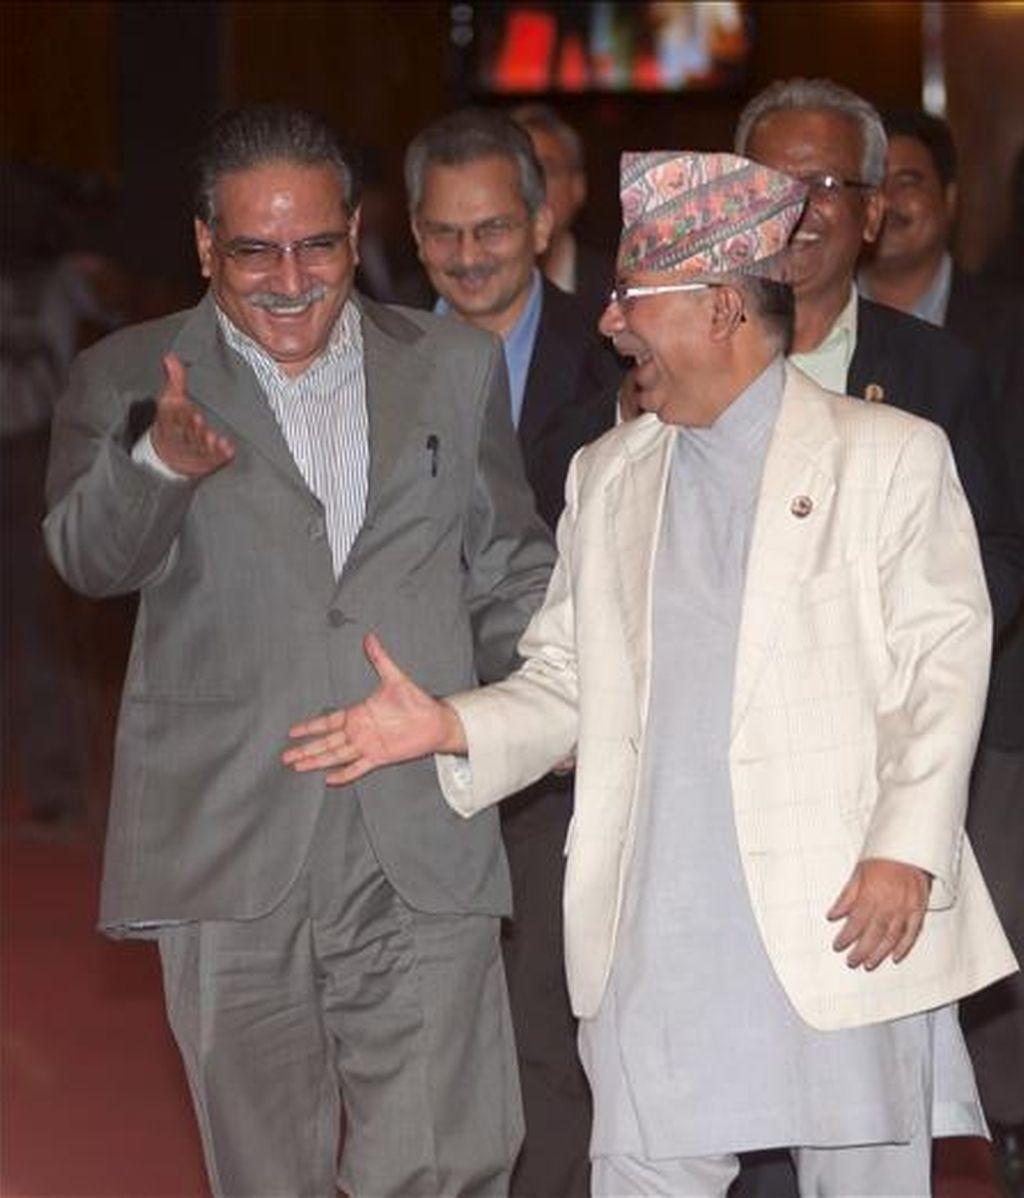 El primer ministro de Nepal, Madhav Kumar (d), y el presidente del Partido Maoísta, Pushpa Kamal Dahal (i), a su llegada al Parlamento en Katmandú este lunes. EFE